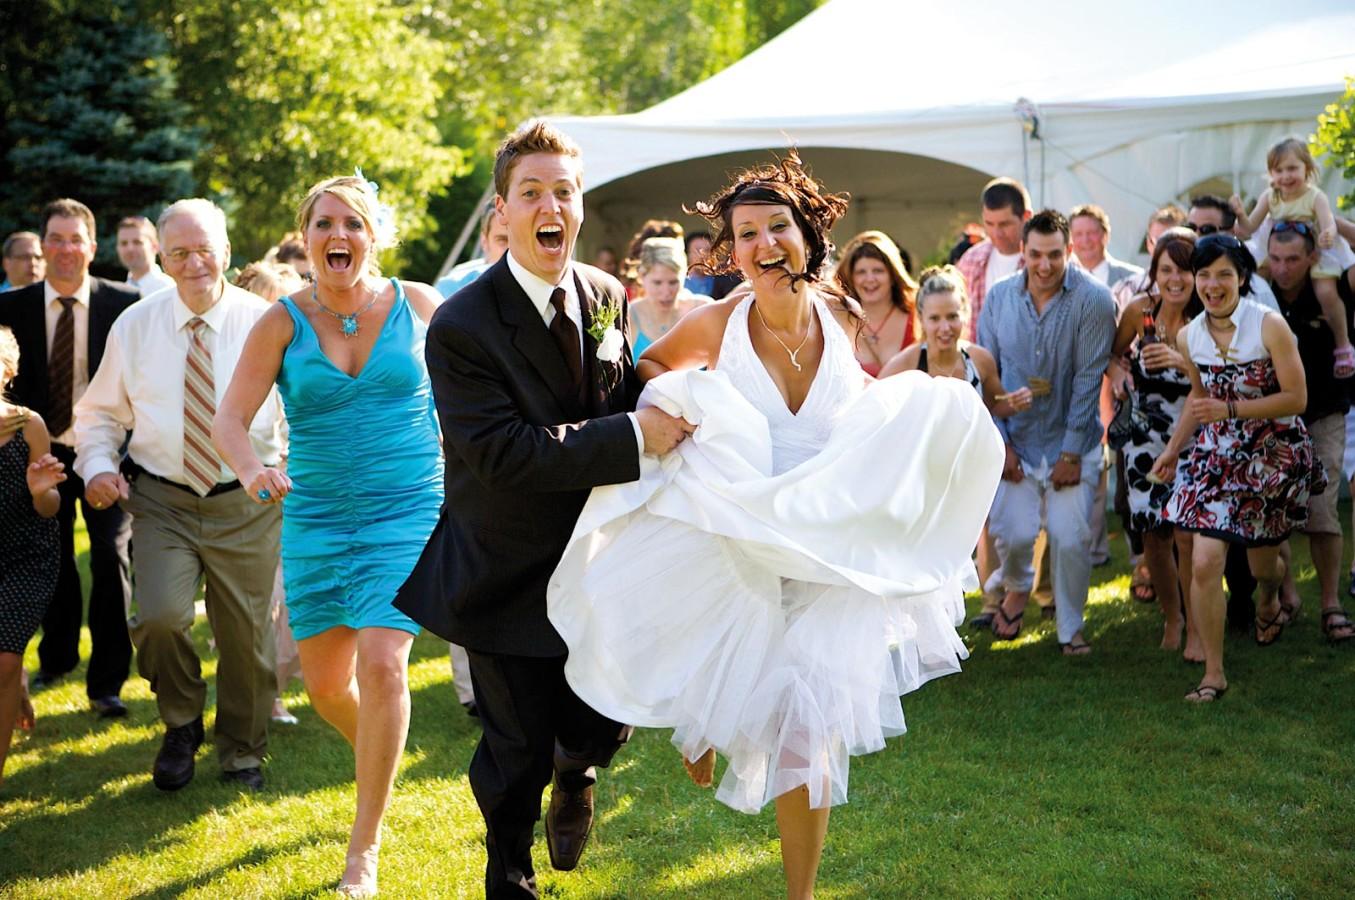 Свадьба фото с гостями летом